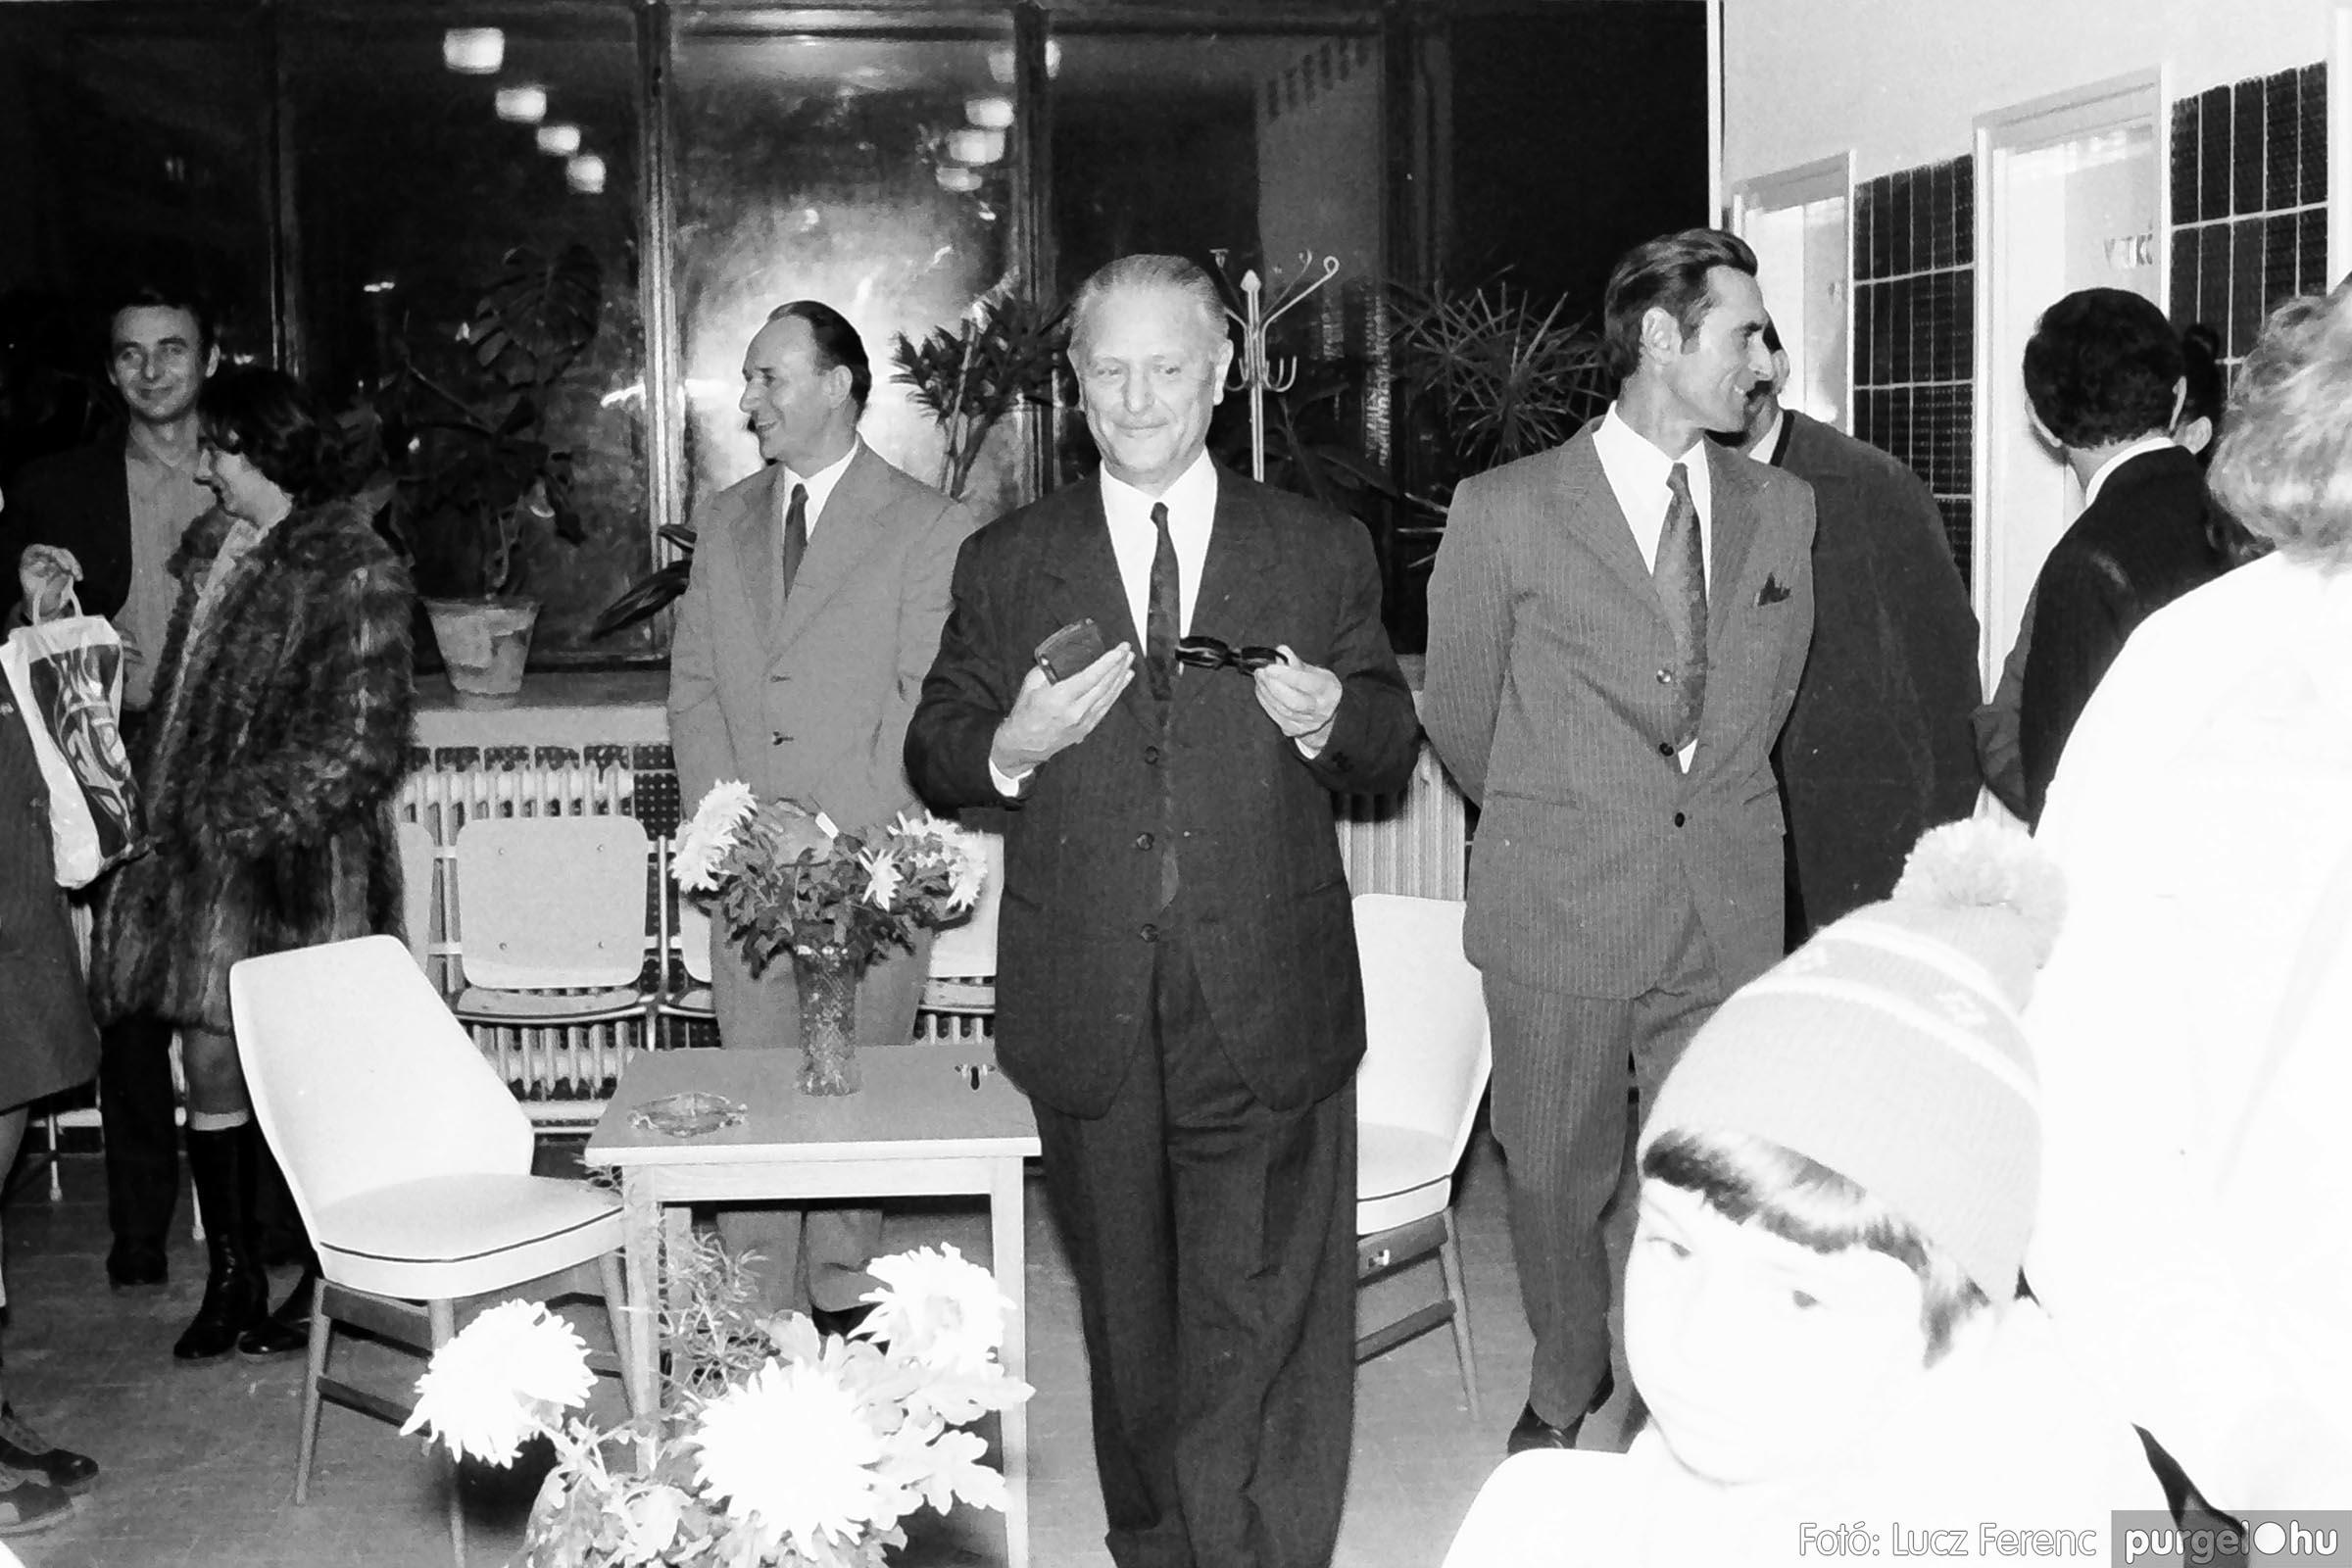 002 1970-es évek - Orvosi rendelő épületének átadása 017 - Fotó: Lucz Ferenc - IMG01115q.jpg